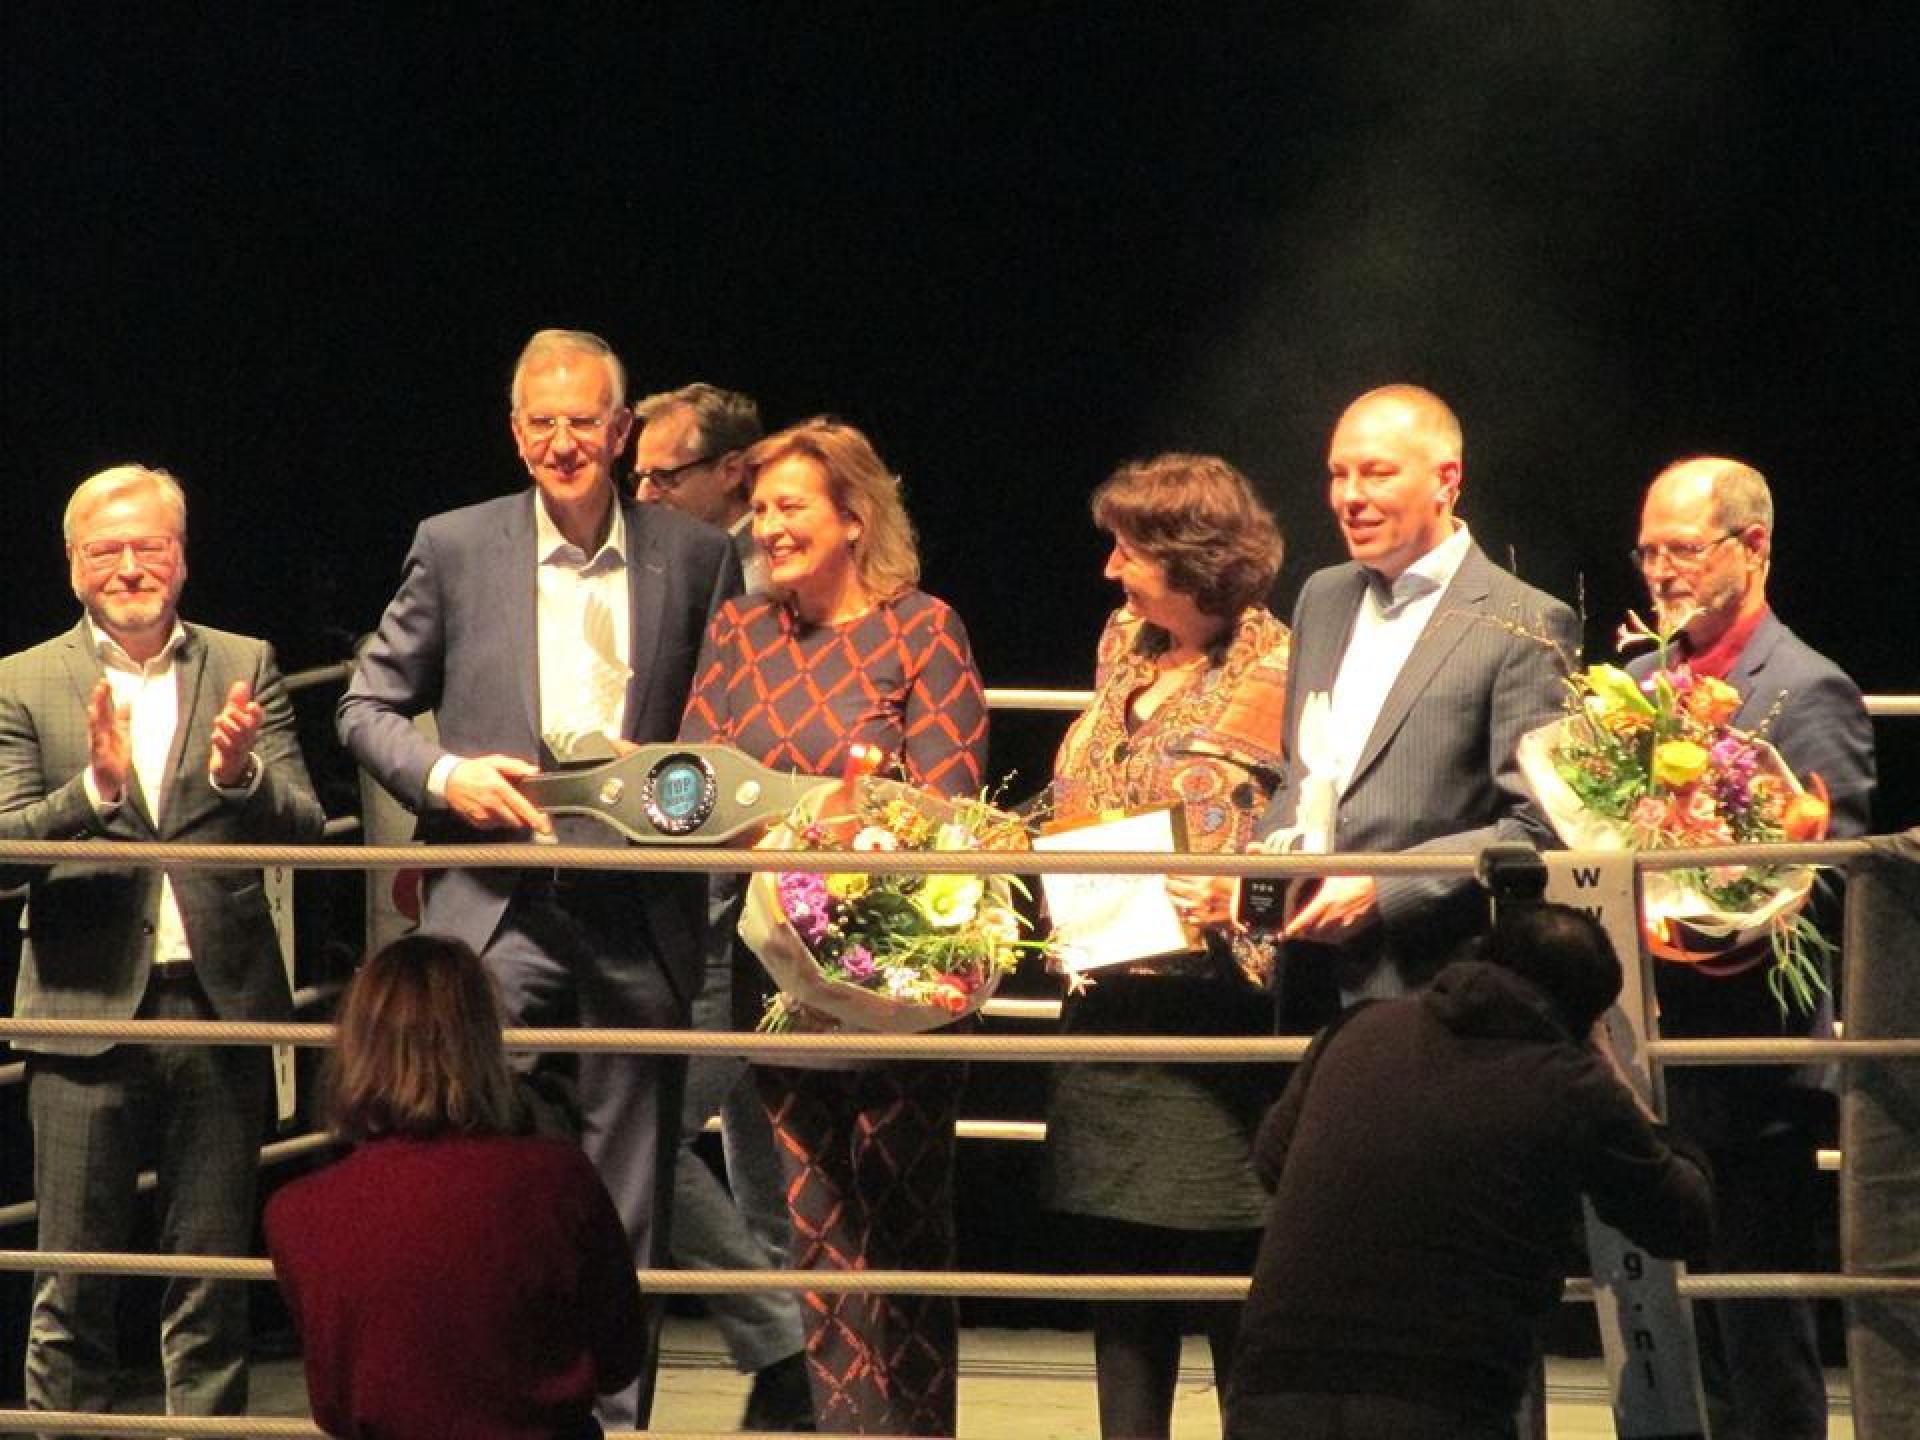 Archeon verkozen tot Onderneming van het Jaar in Alphen